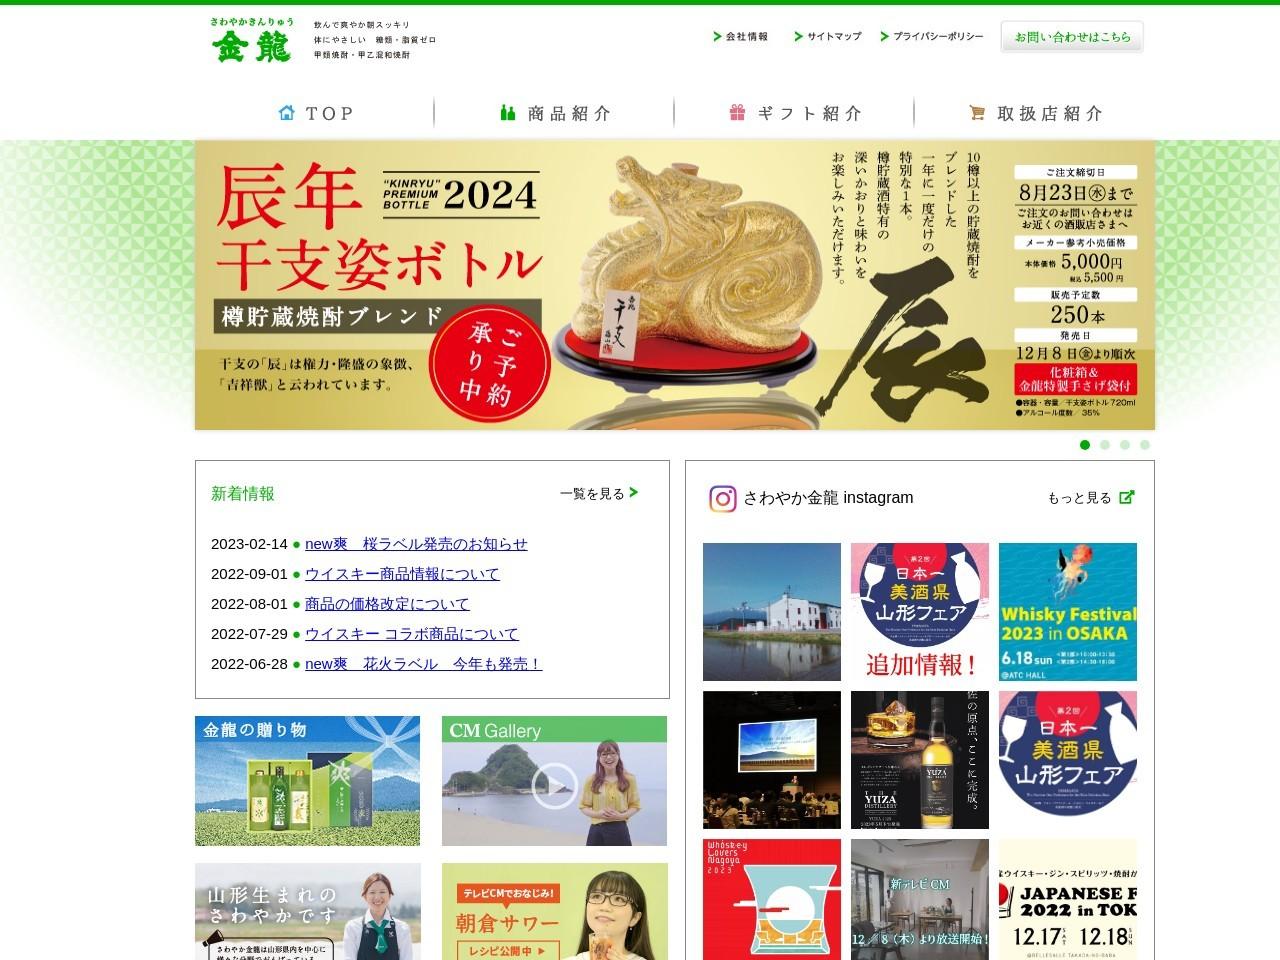 さわやか 金龍 甲類焼酎 甲乙混和焼酎 山形 酒田 株式会社金龍